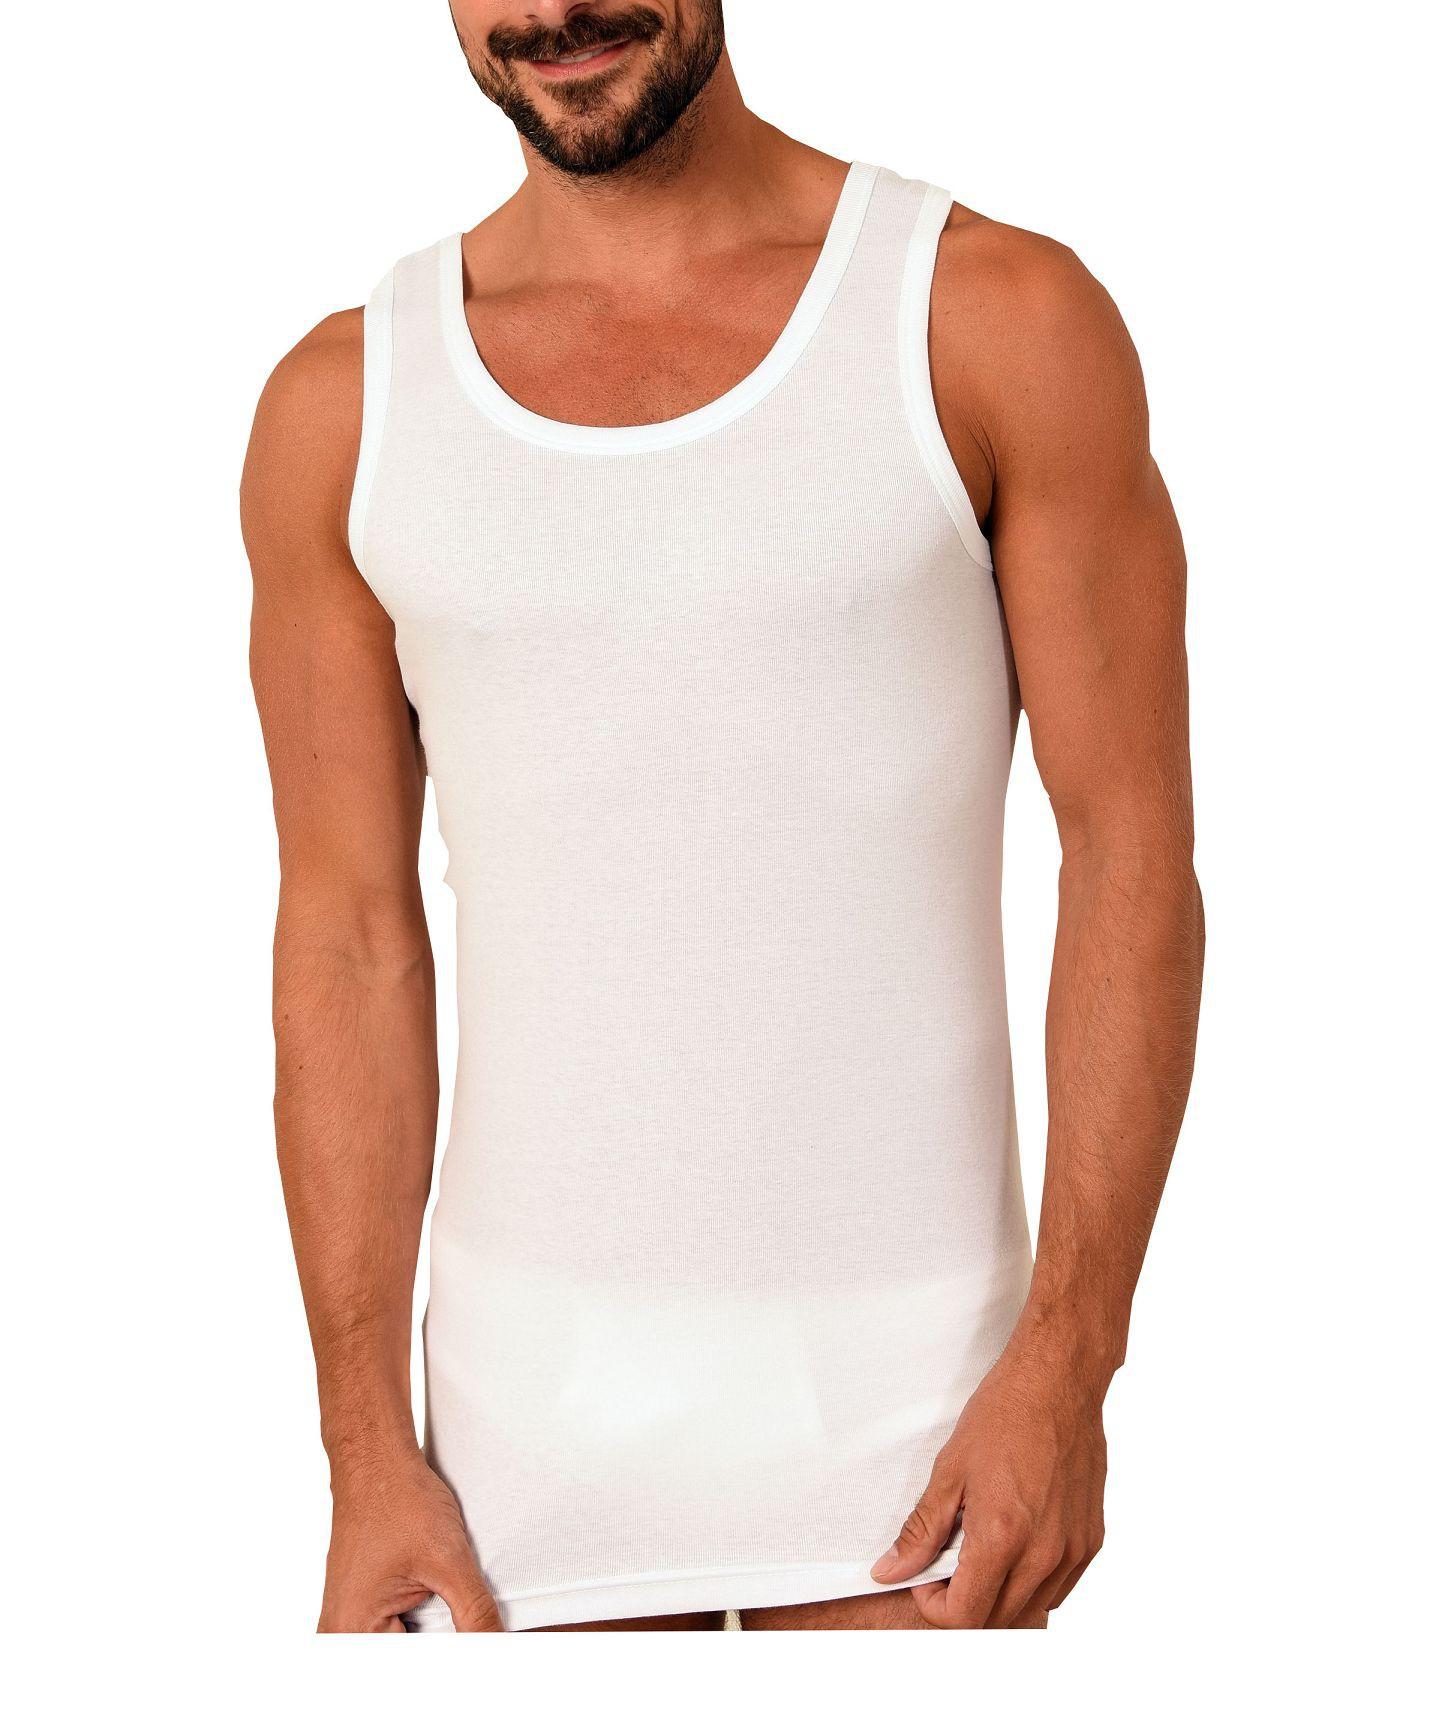 55001 Herren Achselhemd Feinripp Unterhemd 2erpack weiss aus 100 % Baumwolle